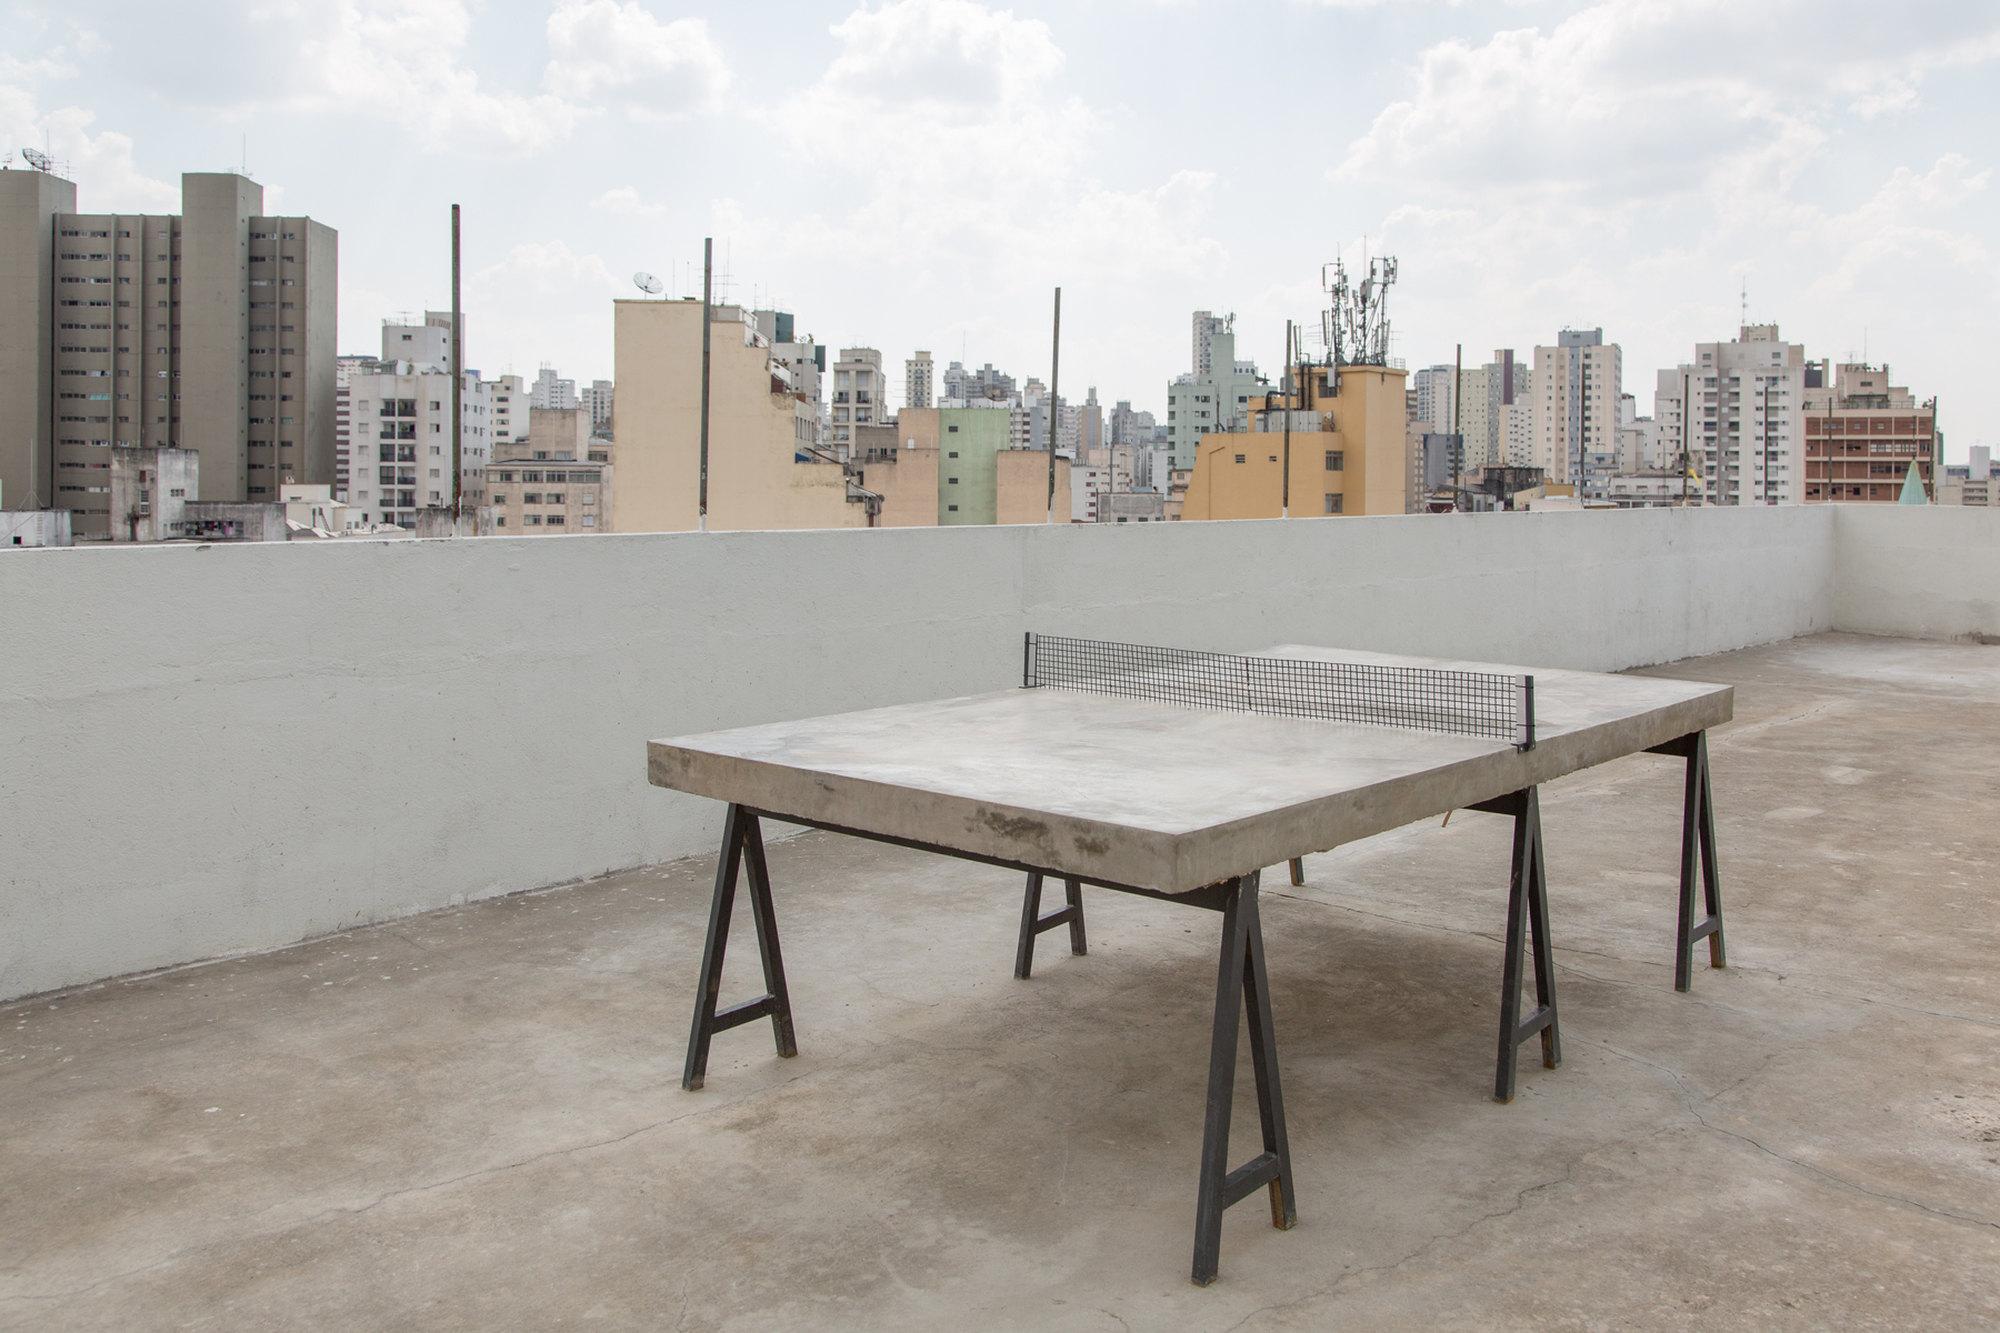 7 Observatório - Acareação - Marcelo Cidade, Desvio pós-estruturalista das causas transcendentais para os efeitos imanentes